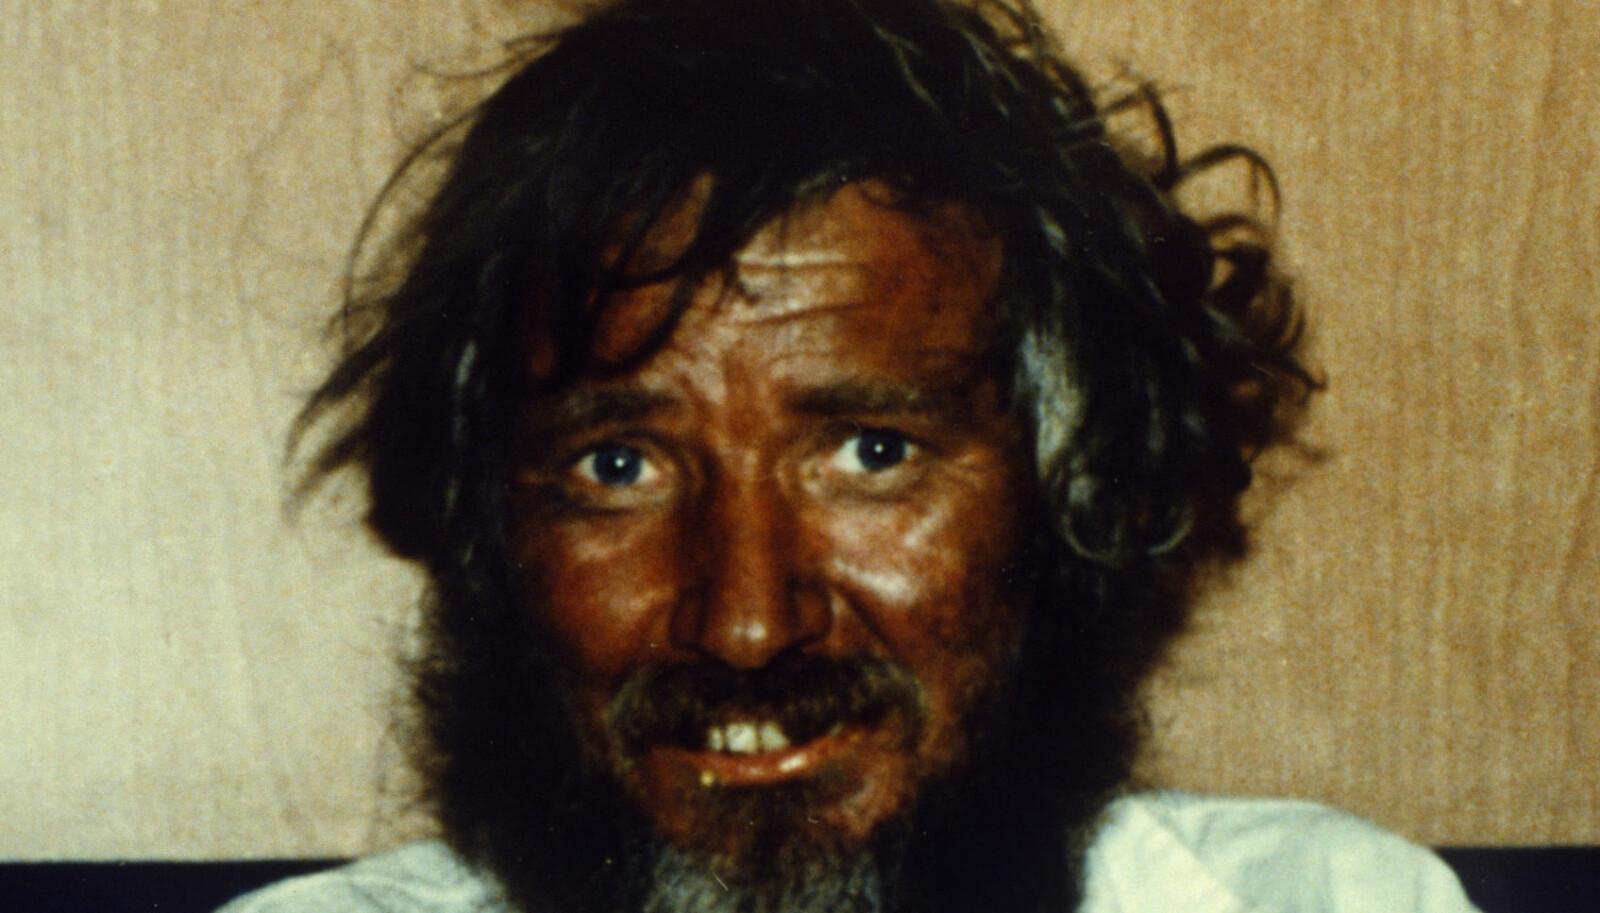 """MANNEN SOM DREV: I seks måneder drev nordmannen omkring på havet. Han forsøkte å avslå hjelp fordi han """"drev i riktig retning""""."""